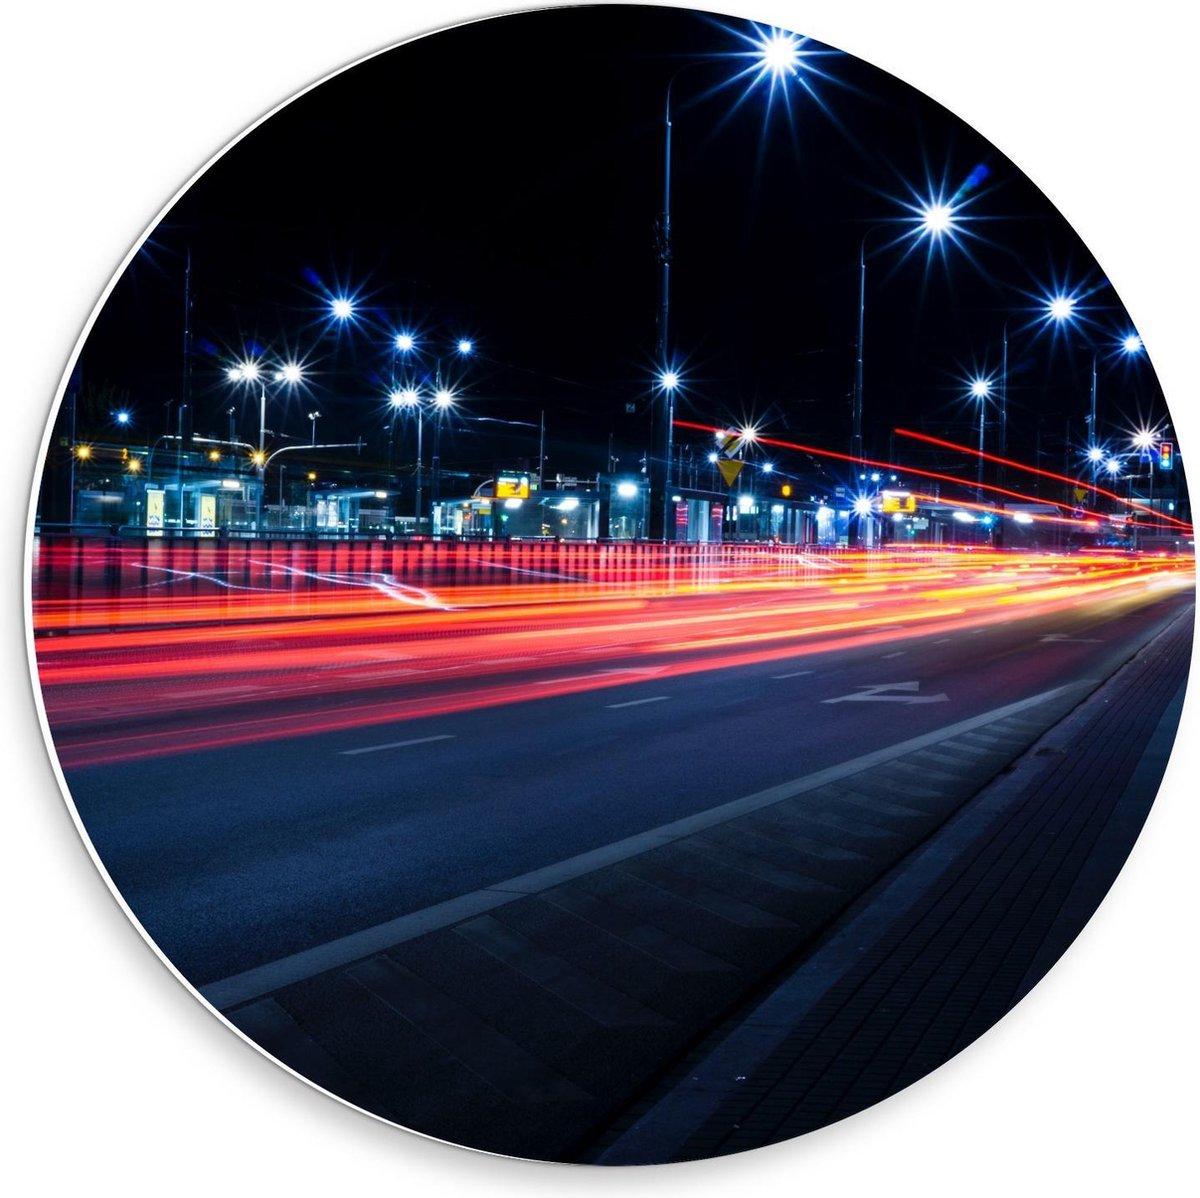 Forex Wandcirkel - Weg door Stad in de Nacht  - 30x30cm Foto op Wandcirkel (met ophangsysteem)